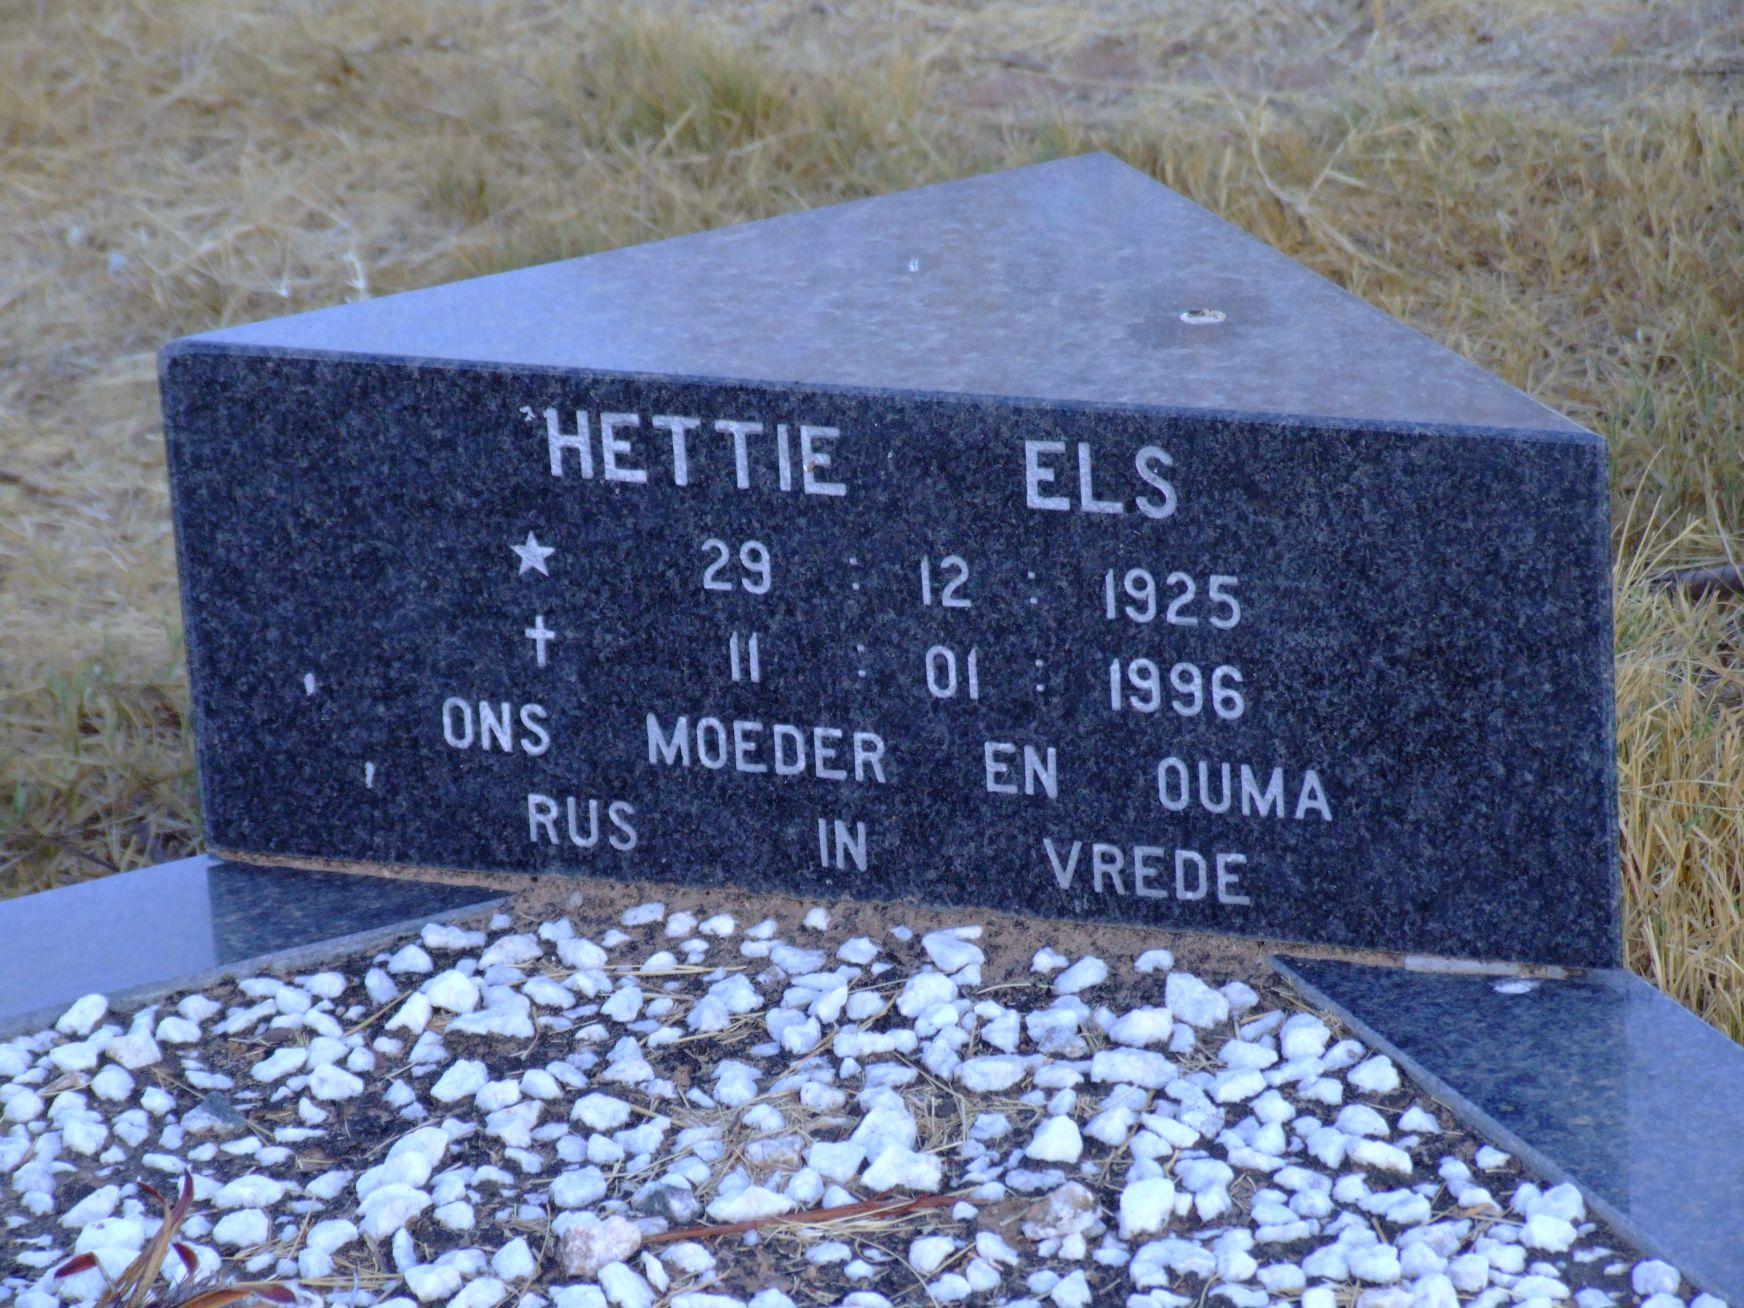 Els, Hettie